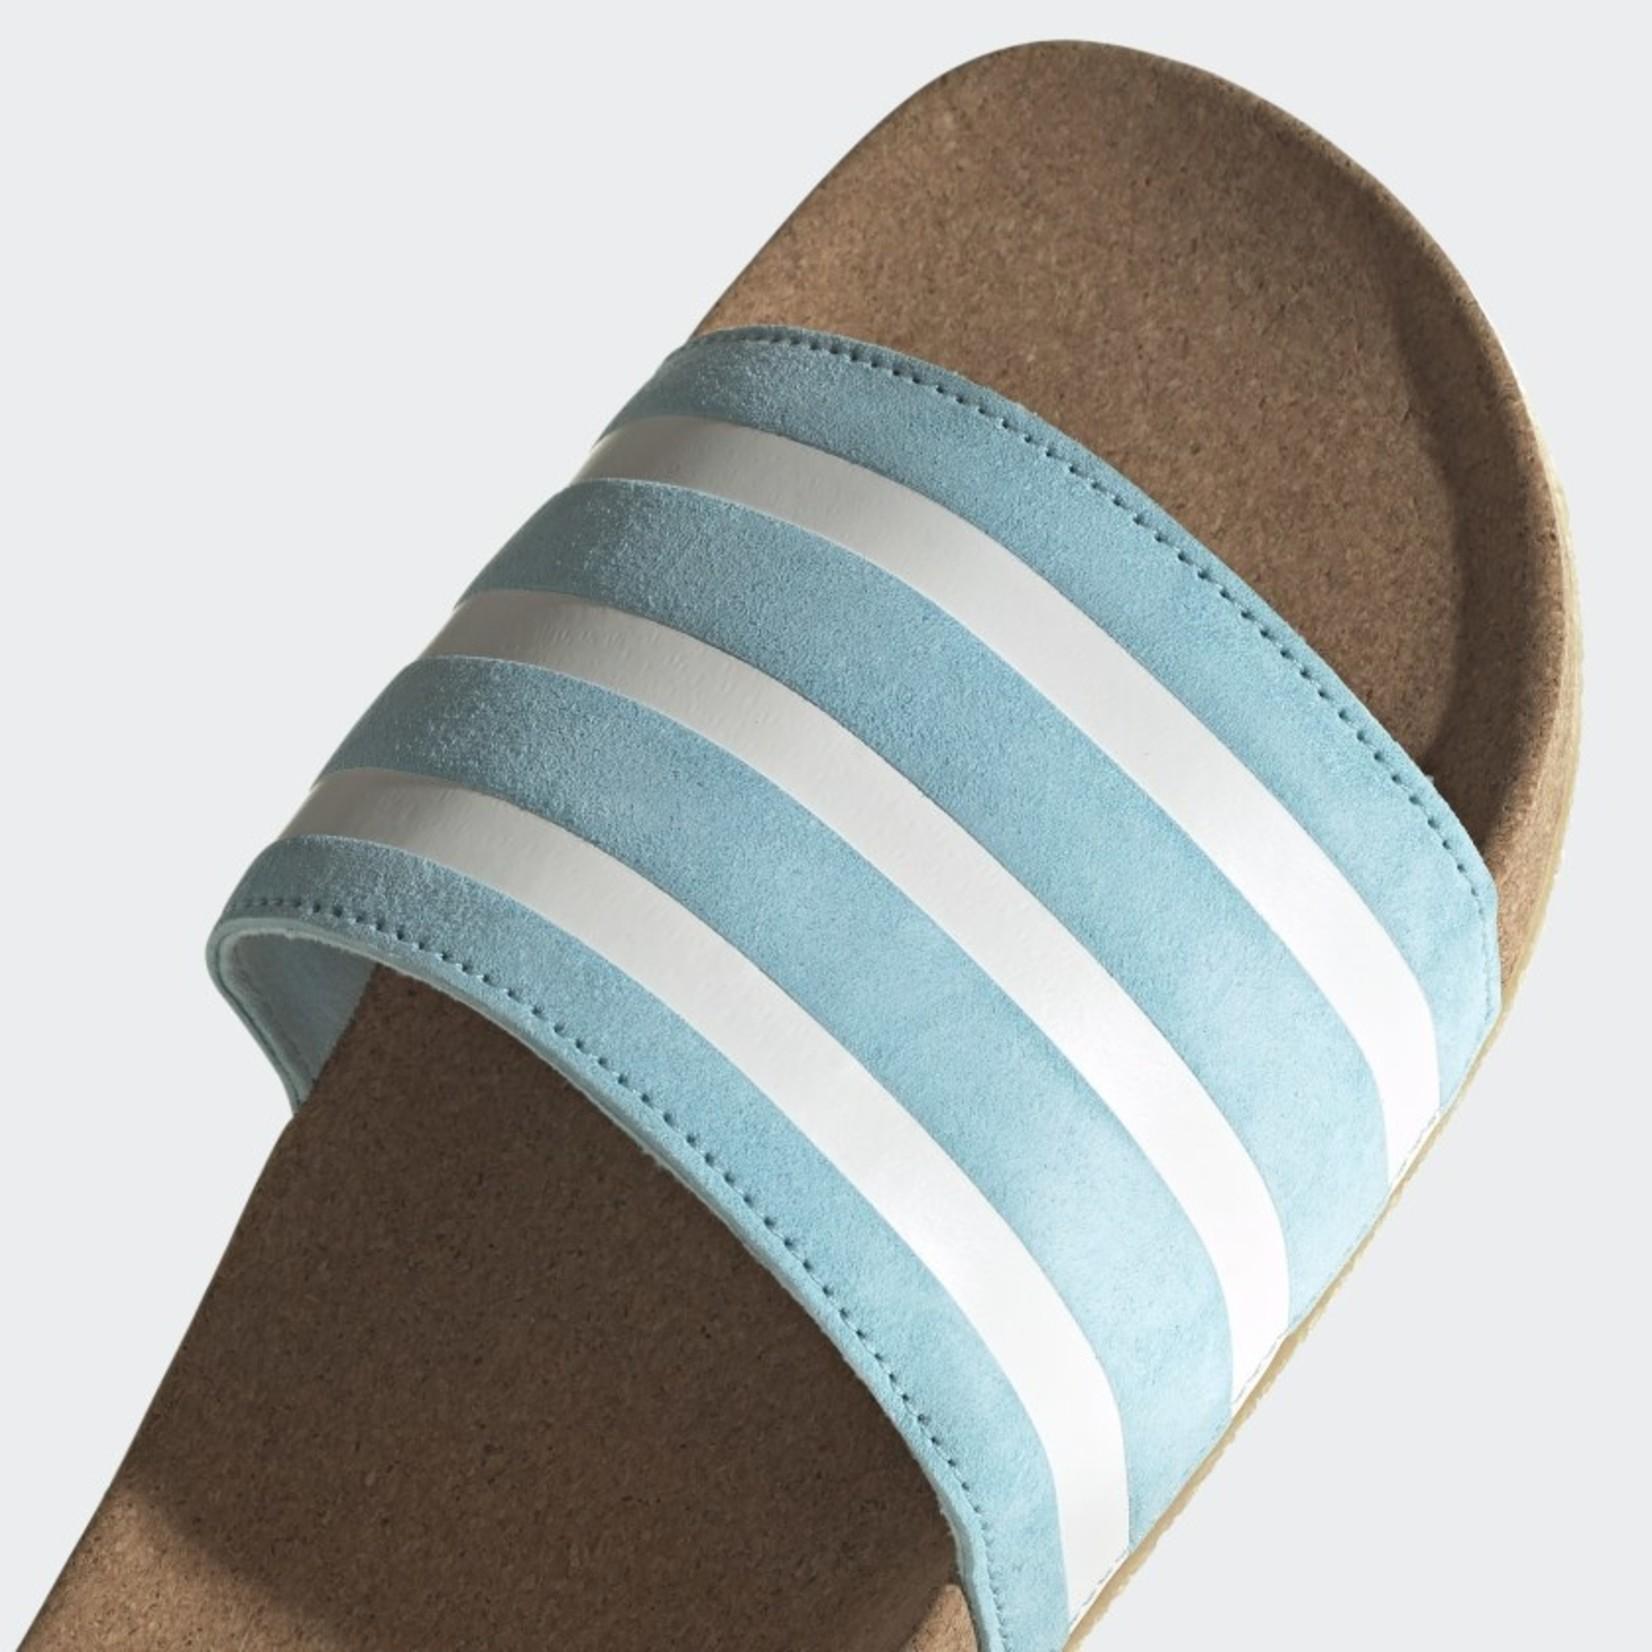 Adidas Adilette W Ciebru/Blaess